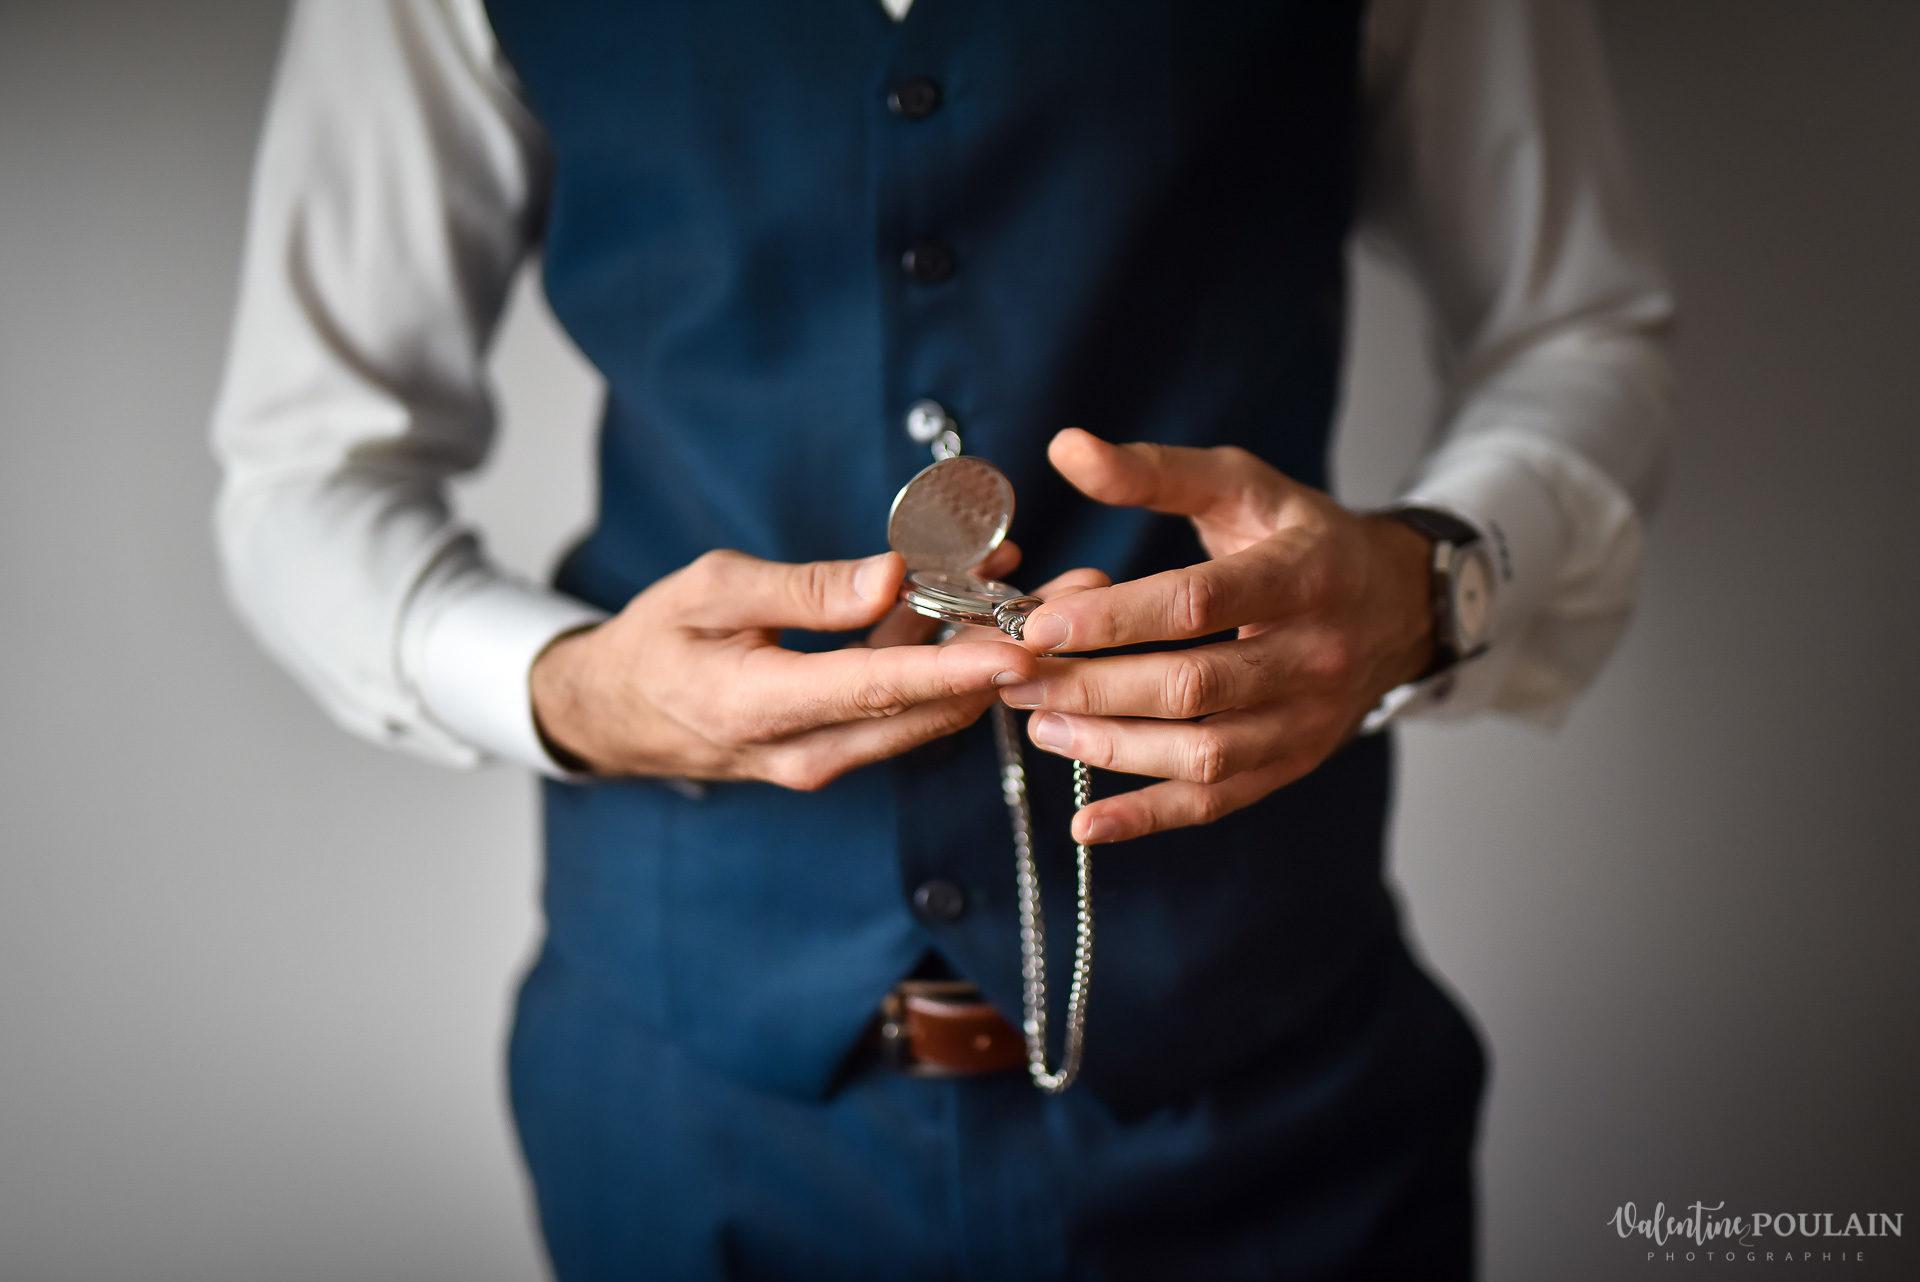 Mariage lieu insolite Paris -Valentine Poulain préparatif hommes montre gousset